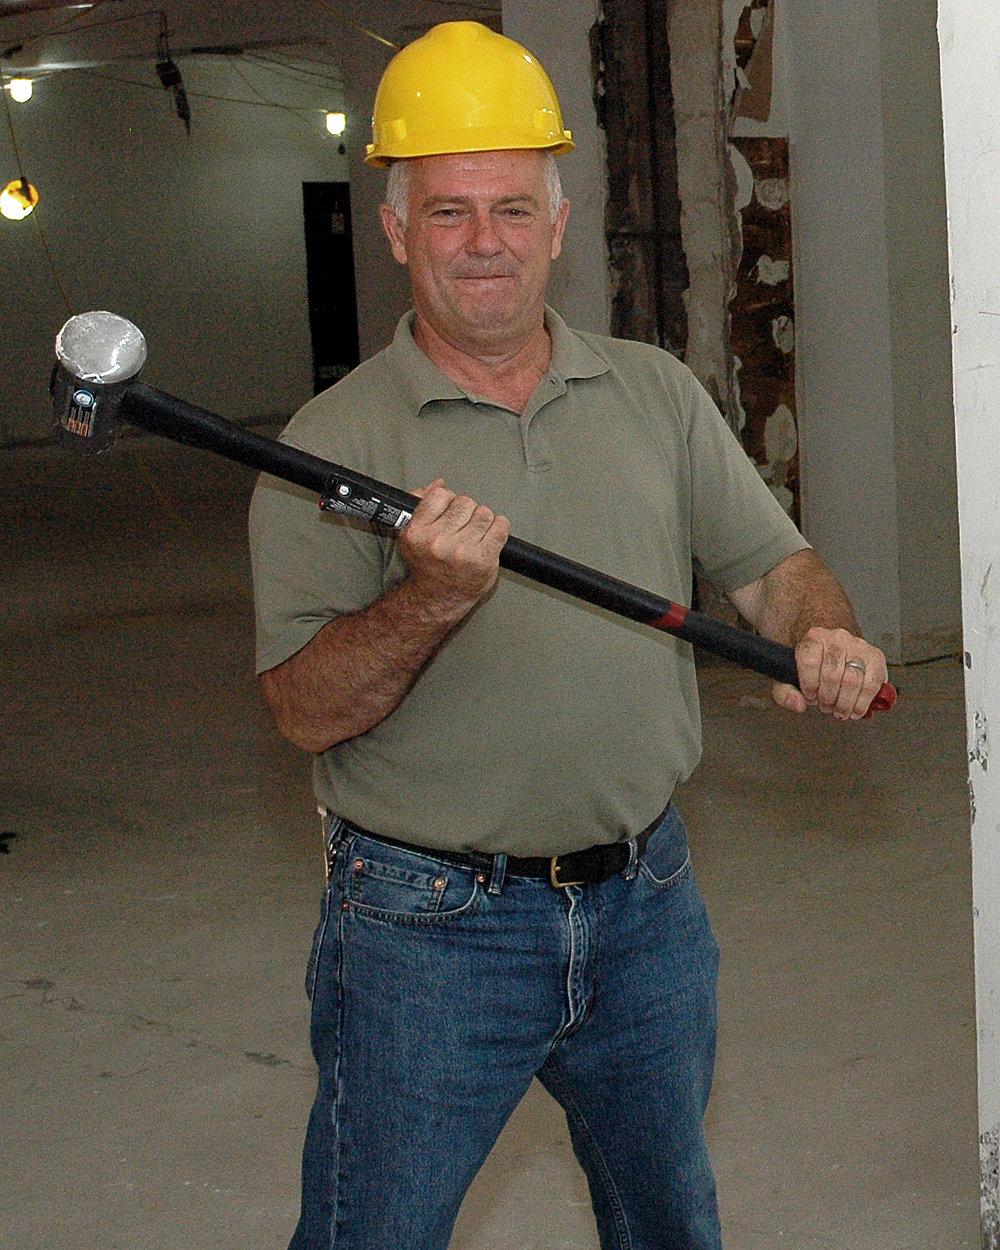 Toma Krasniqi, Contractor